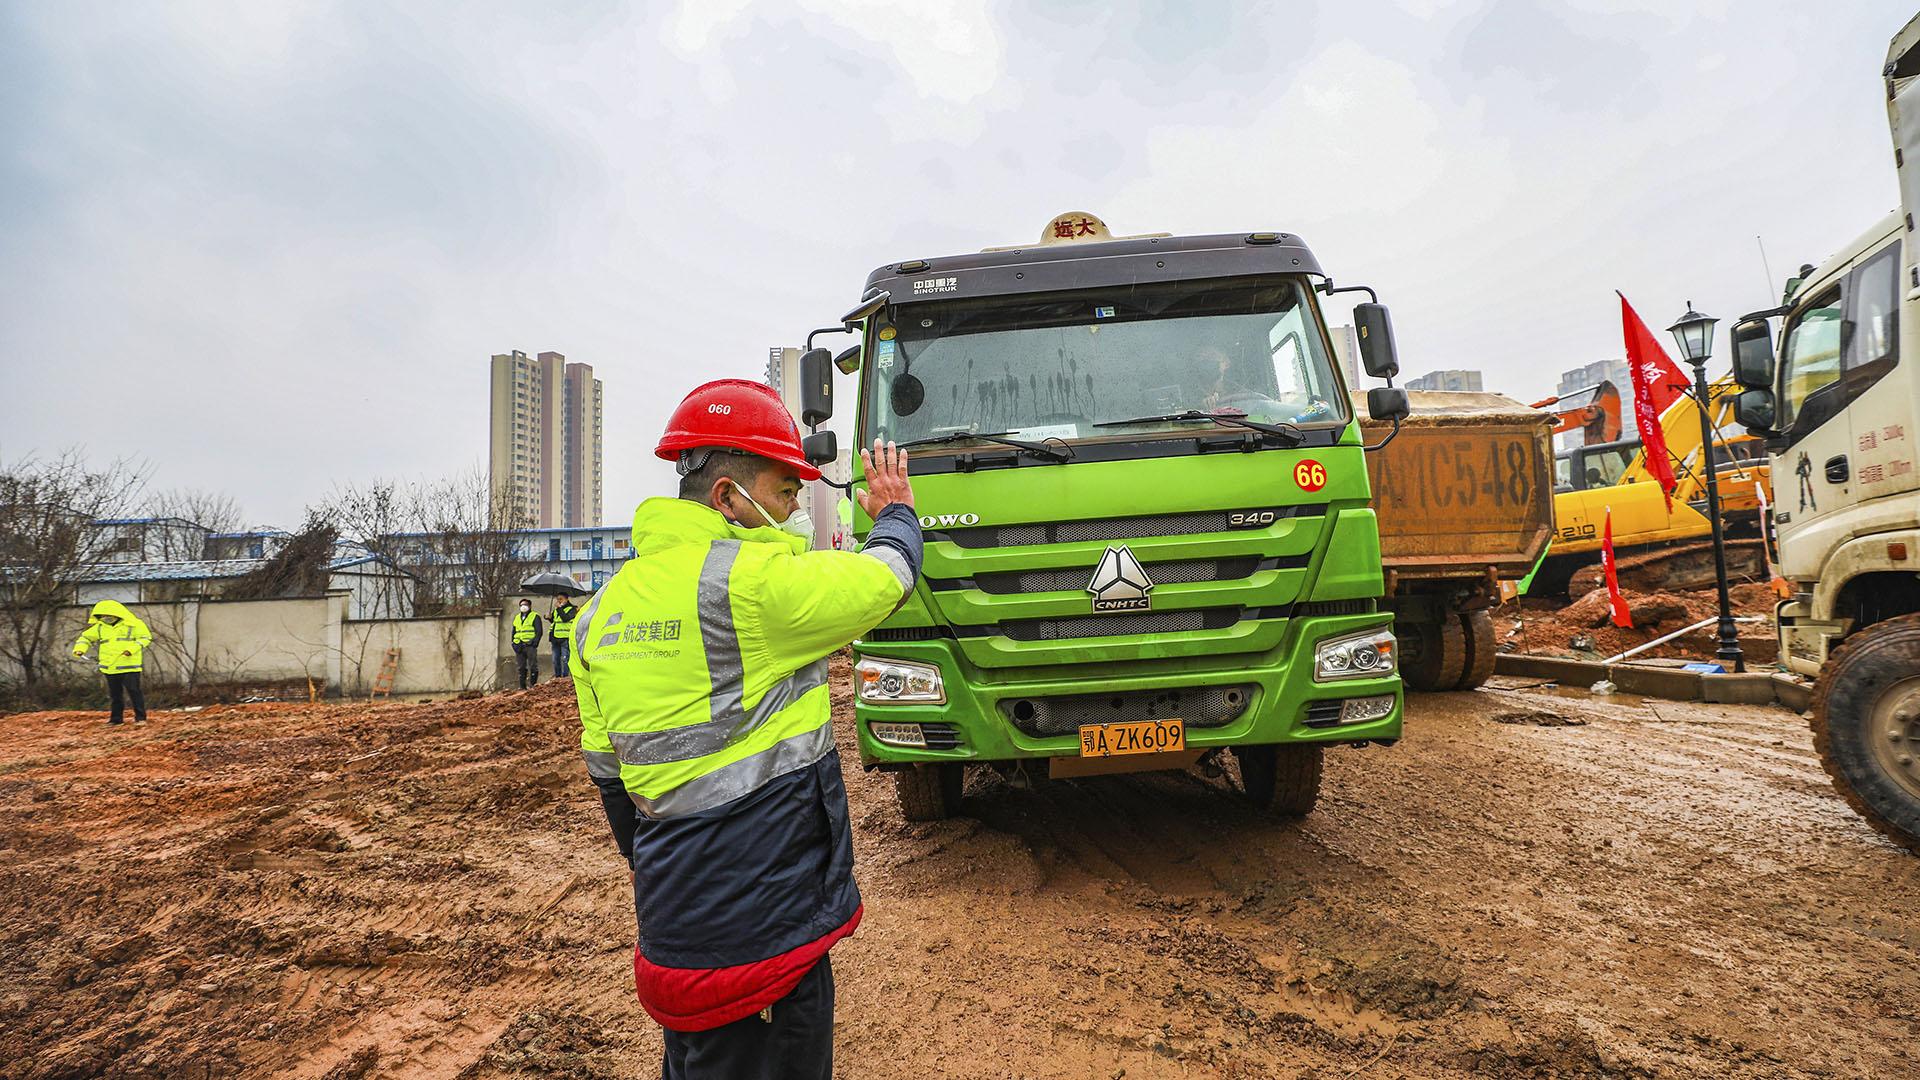 Un trabajador hace un gesto a un camionero en un sitio de construcción para un hospital de campaña en Wuhan, en la provincia central china de Hubei, el viernes 24 de enero de 2020. (Chinatopix vía AP)